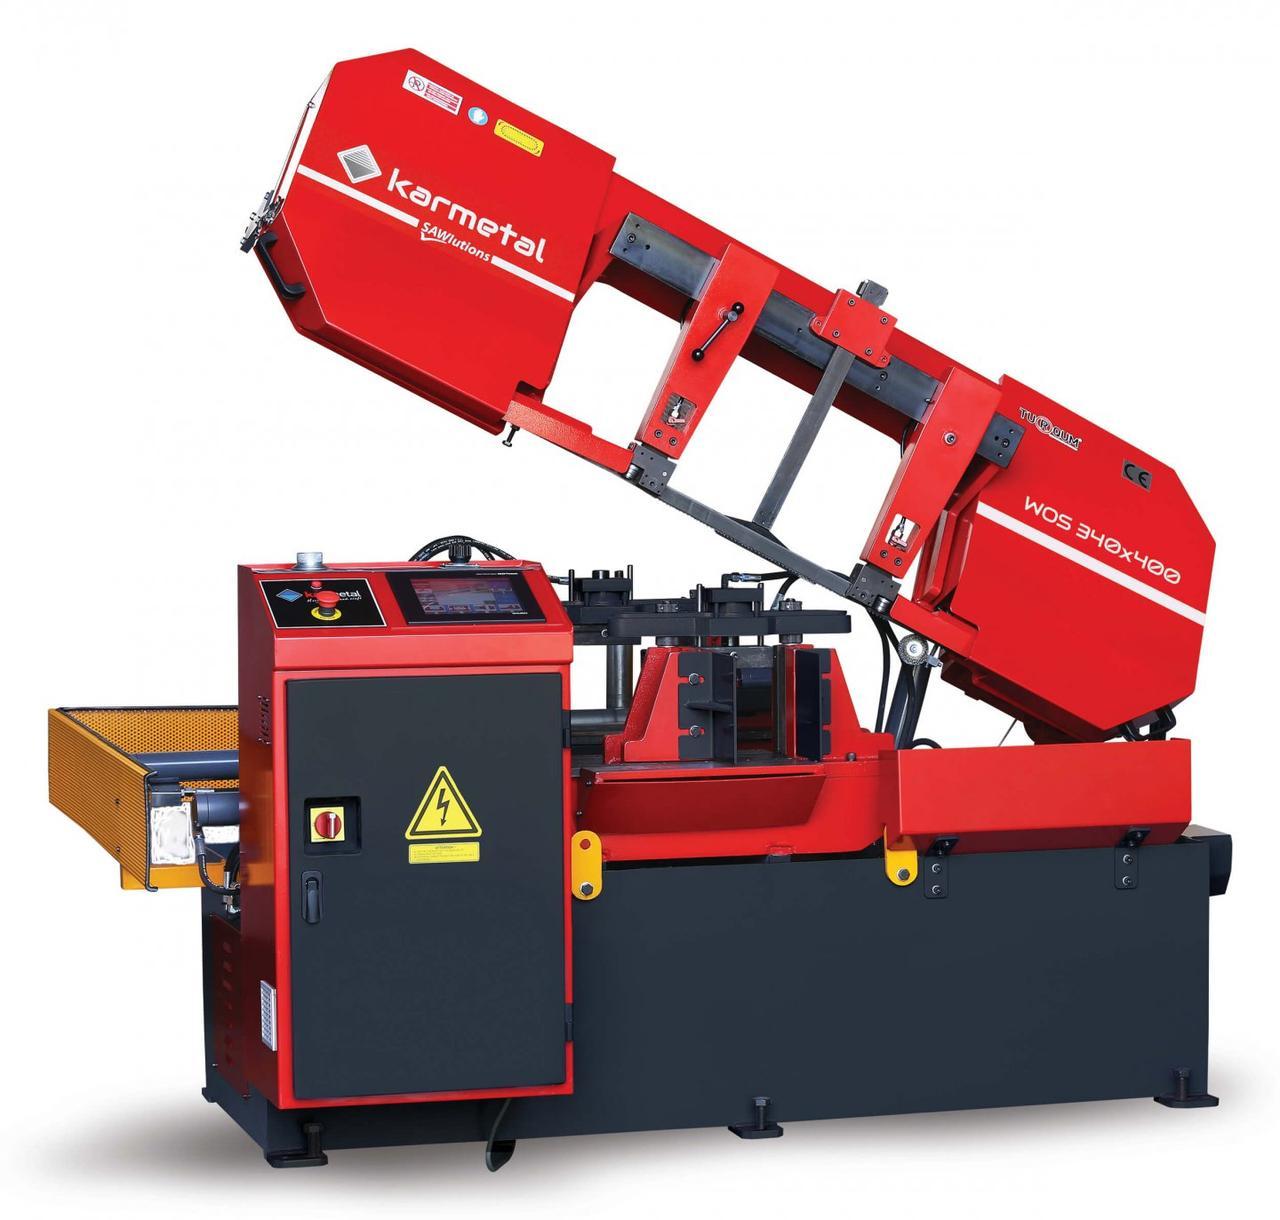 Автоматическая ленточная пила по металлу Karmetal WOS 340x400